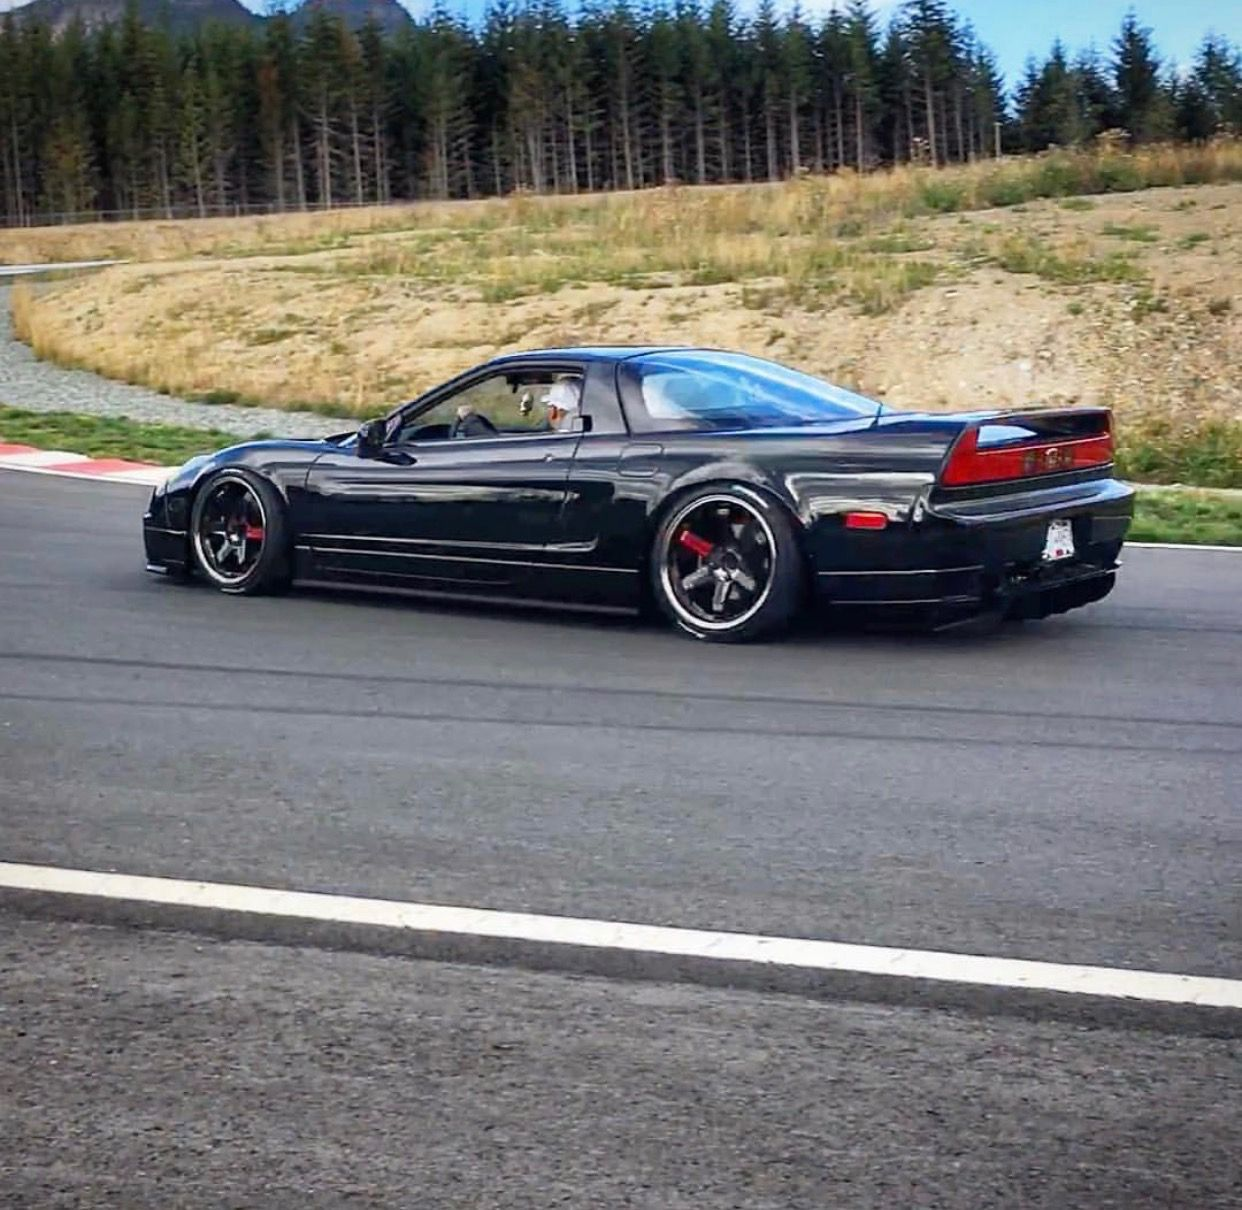 Nsx, Honda Sports Car, Acura Cars